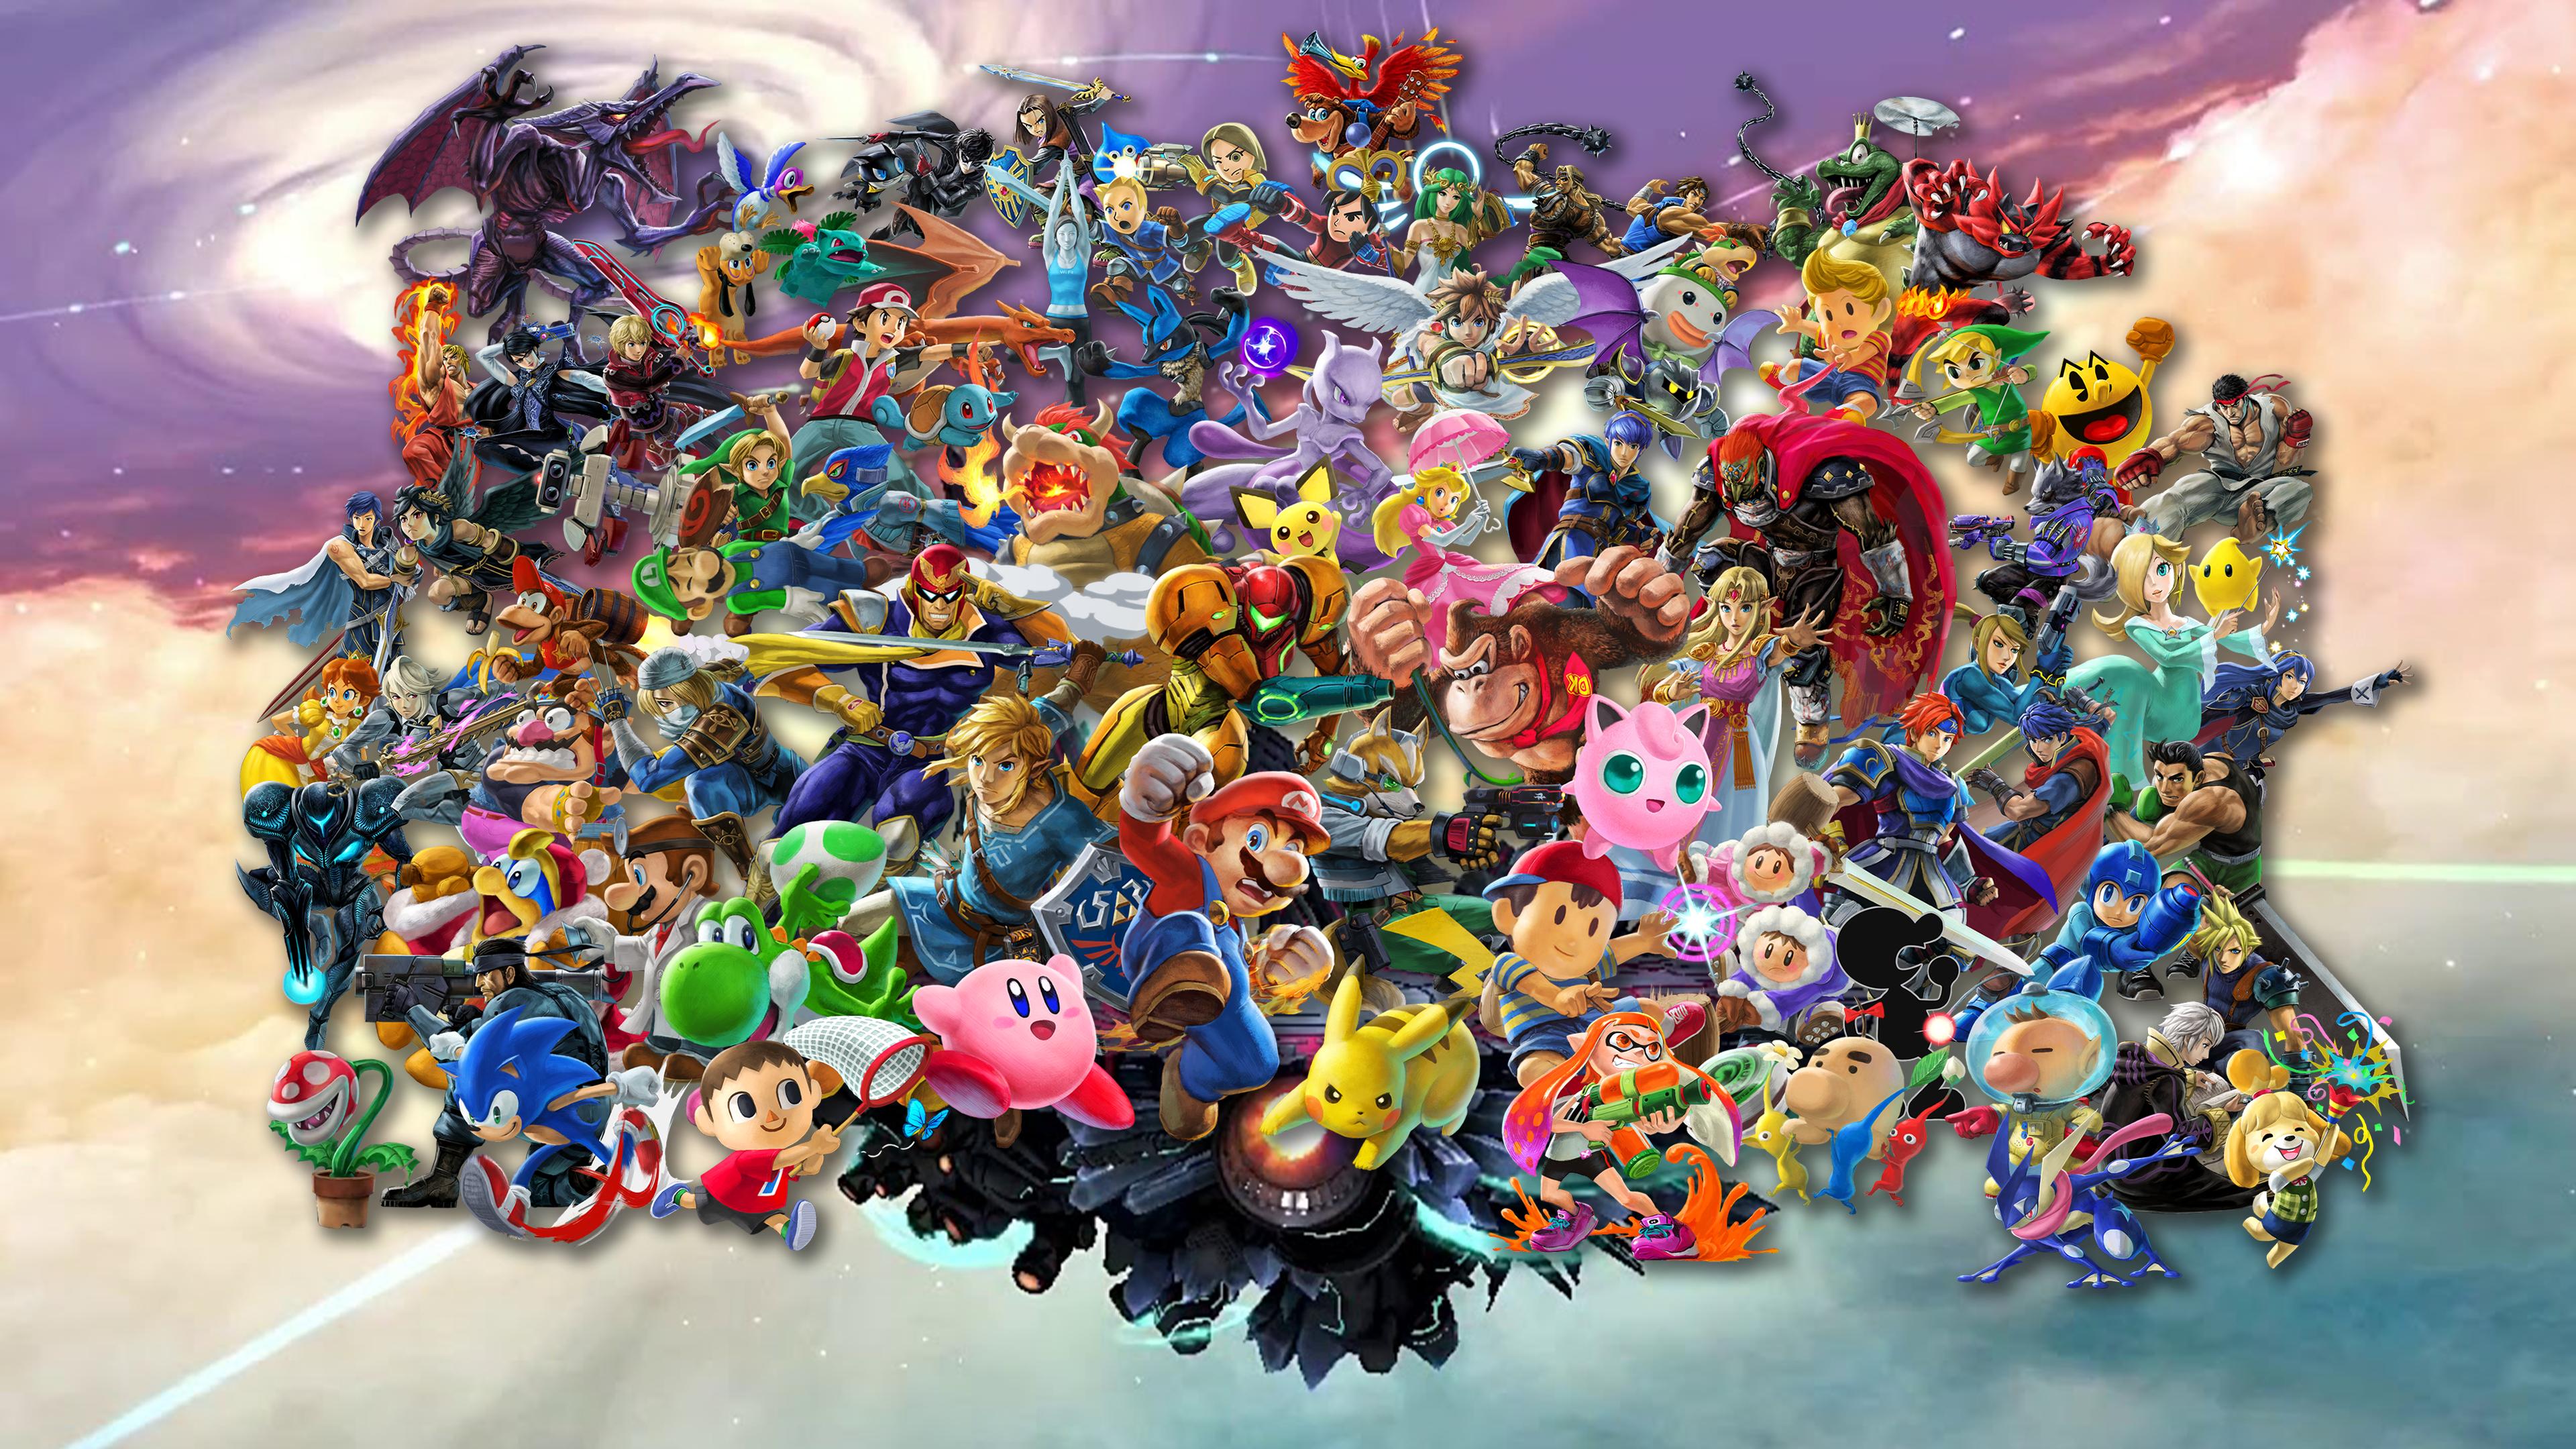 Super Smash Bros Ultimate 4k Wallpaper By Shinespritegamer On